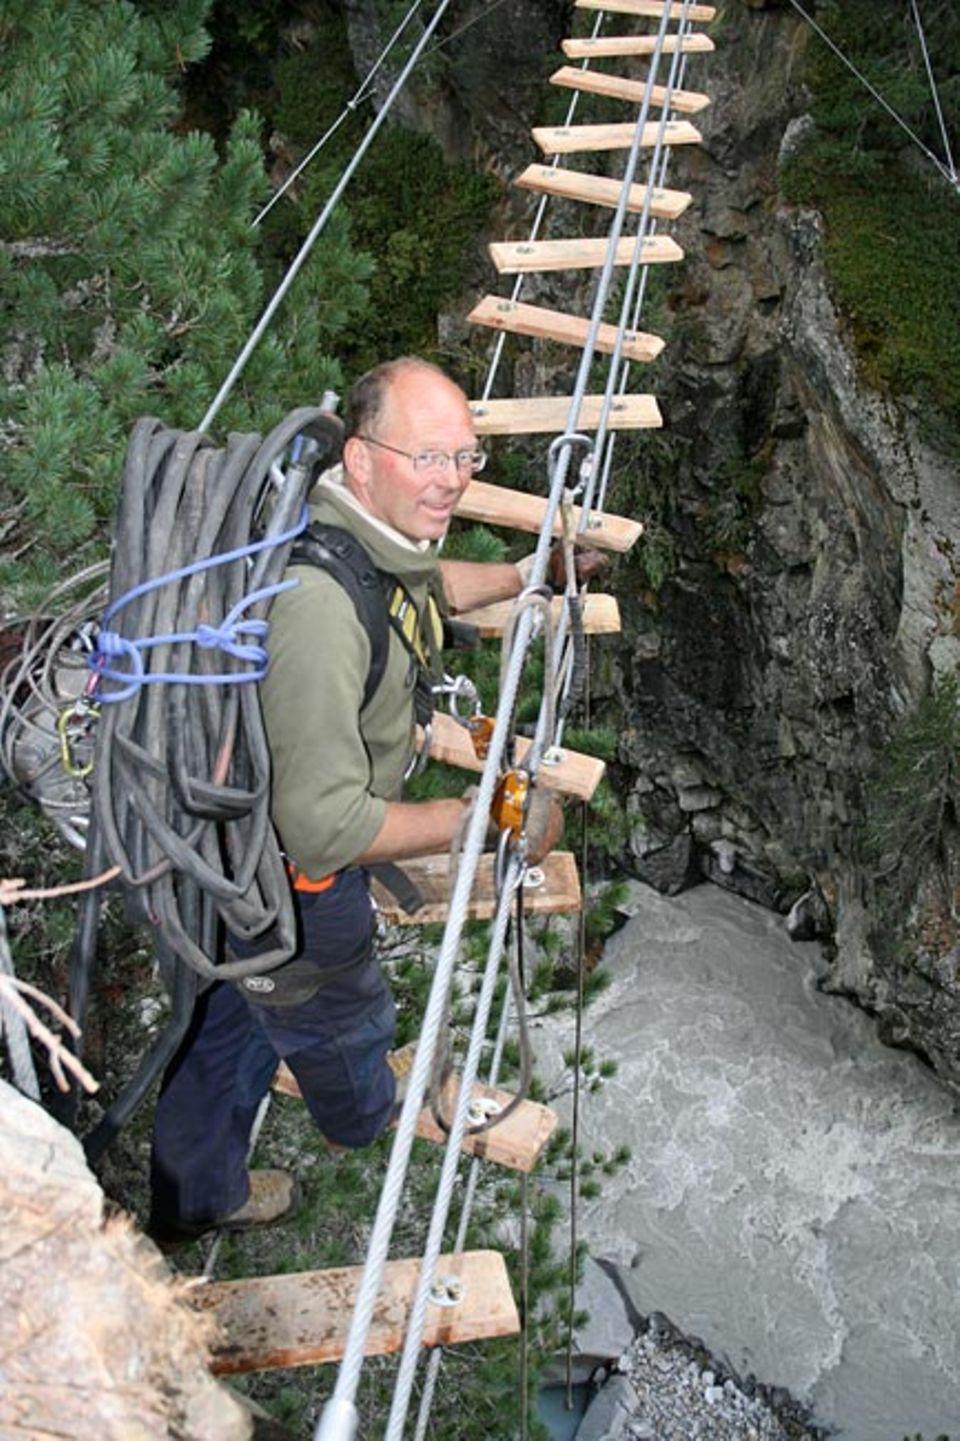 Ran ans Werk! Wenn Hansjörg Wechselberger zu seiner Baustelle in den Bergen steigt, trägt er Material und Werkzeug auf dem Rücken